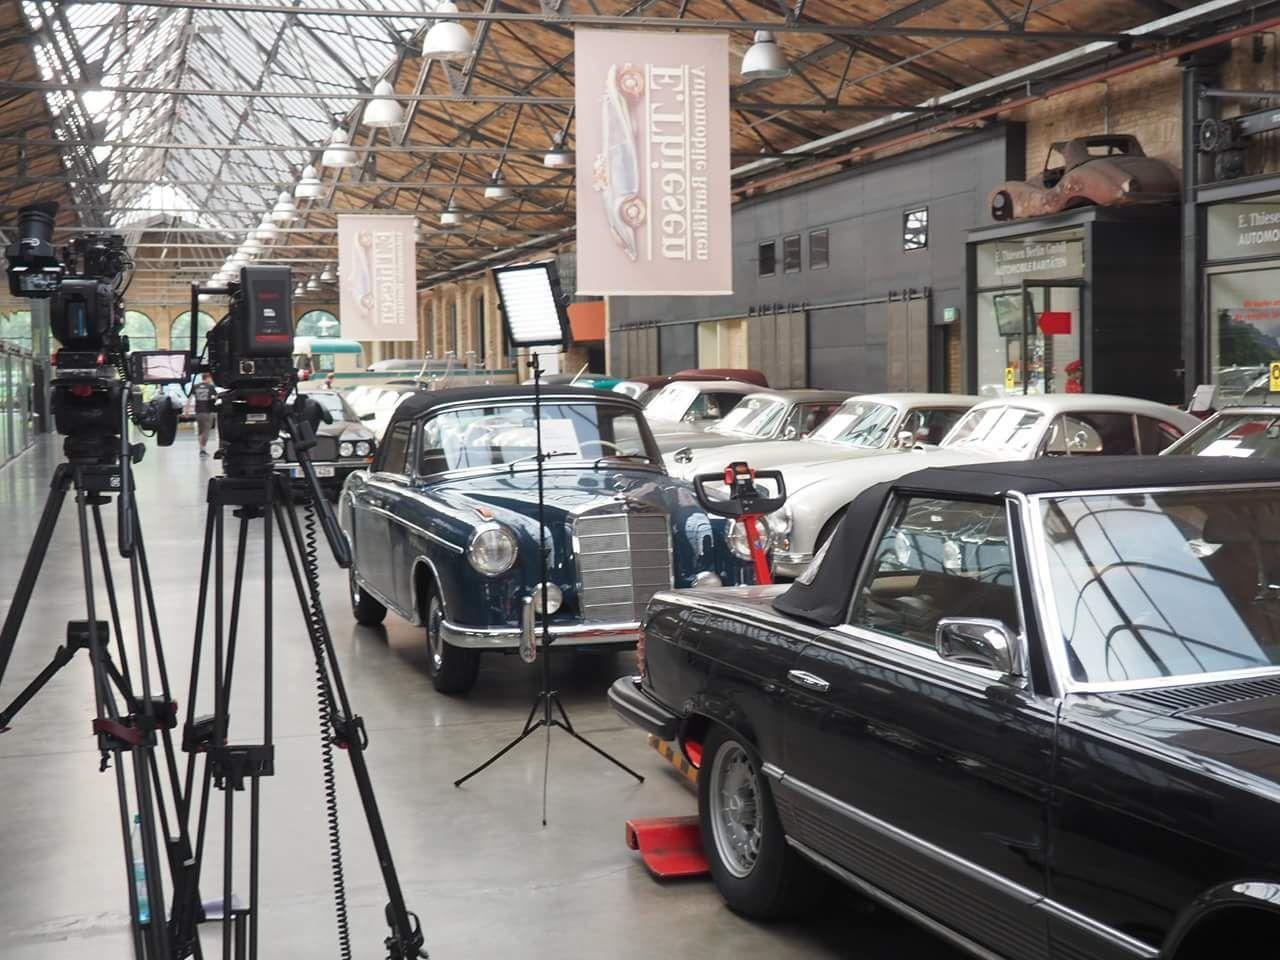 המכוניות במוזיאון קלאסיק רמיזה. צילום: אייל נחשון 